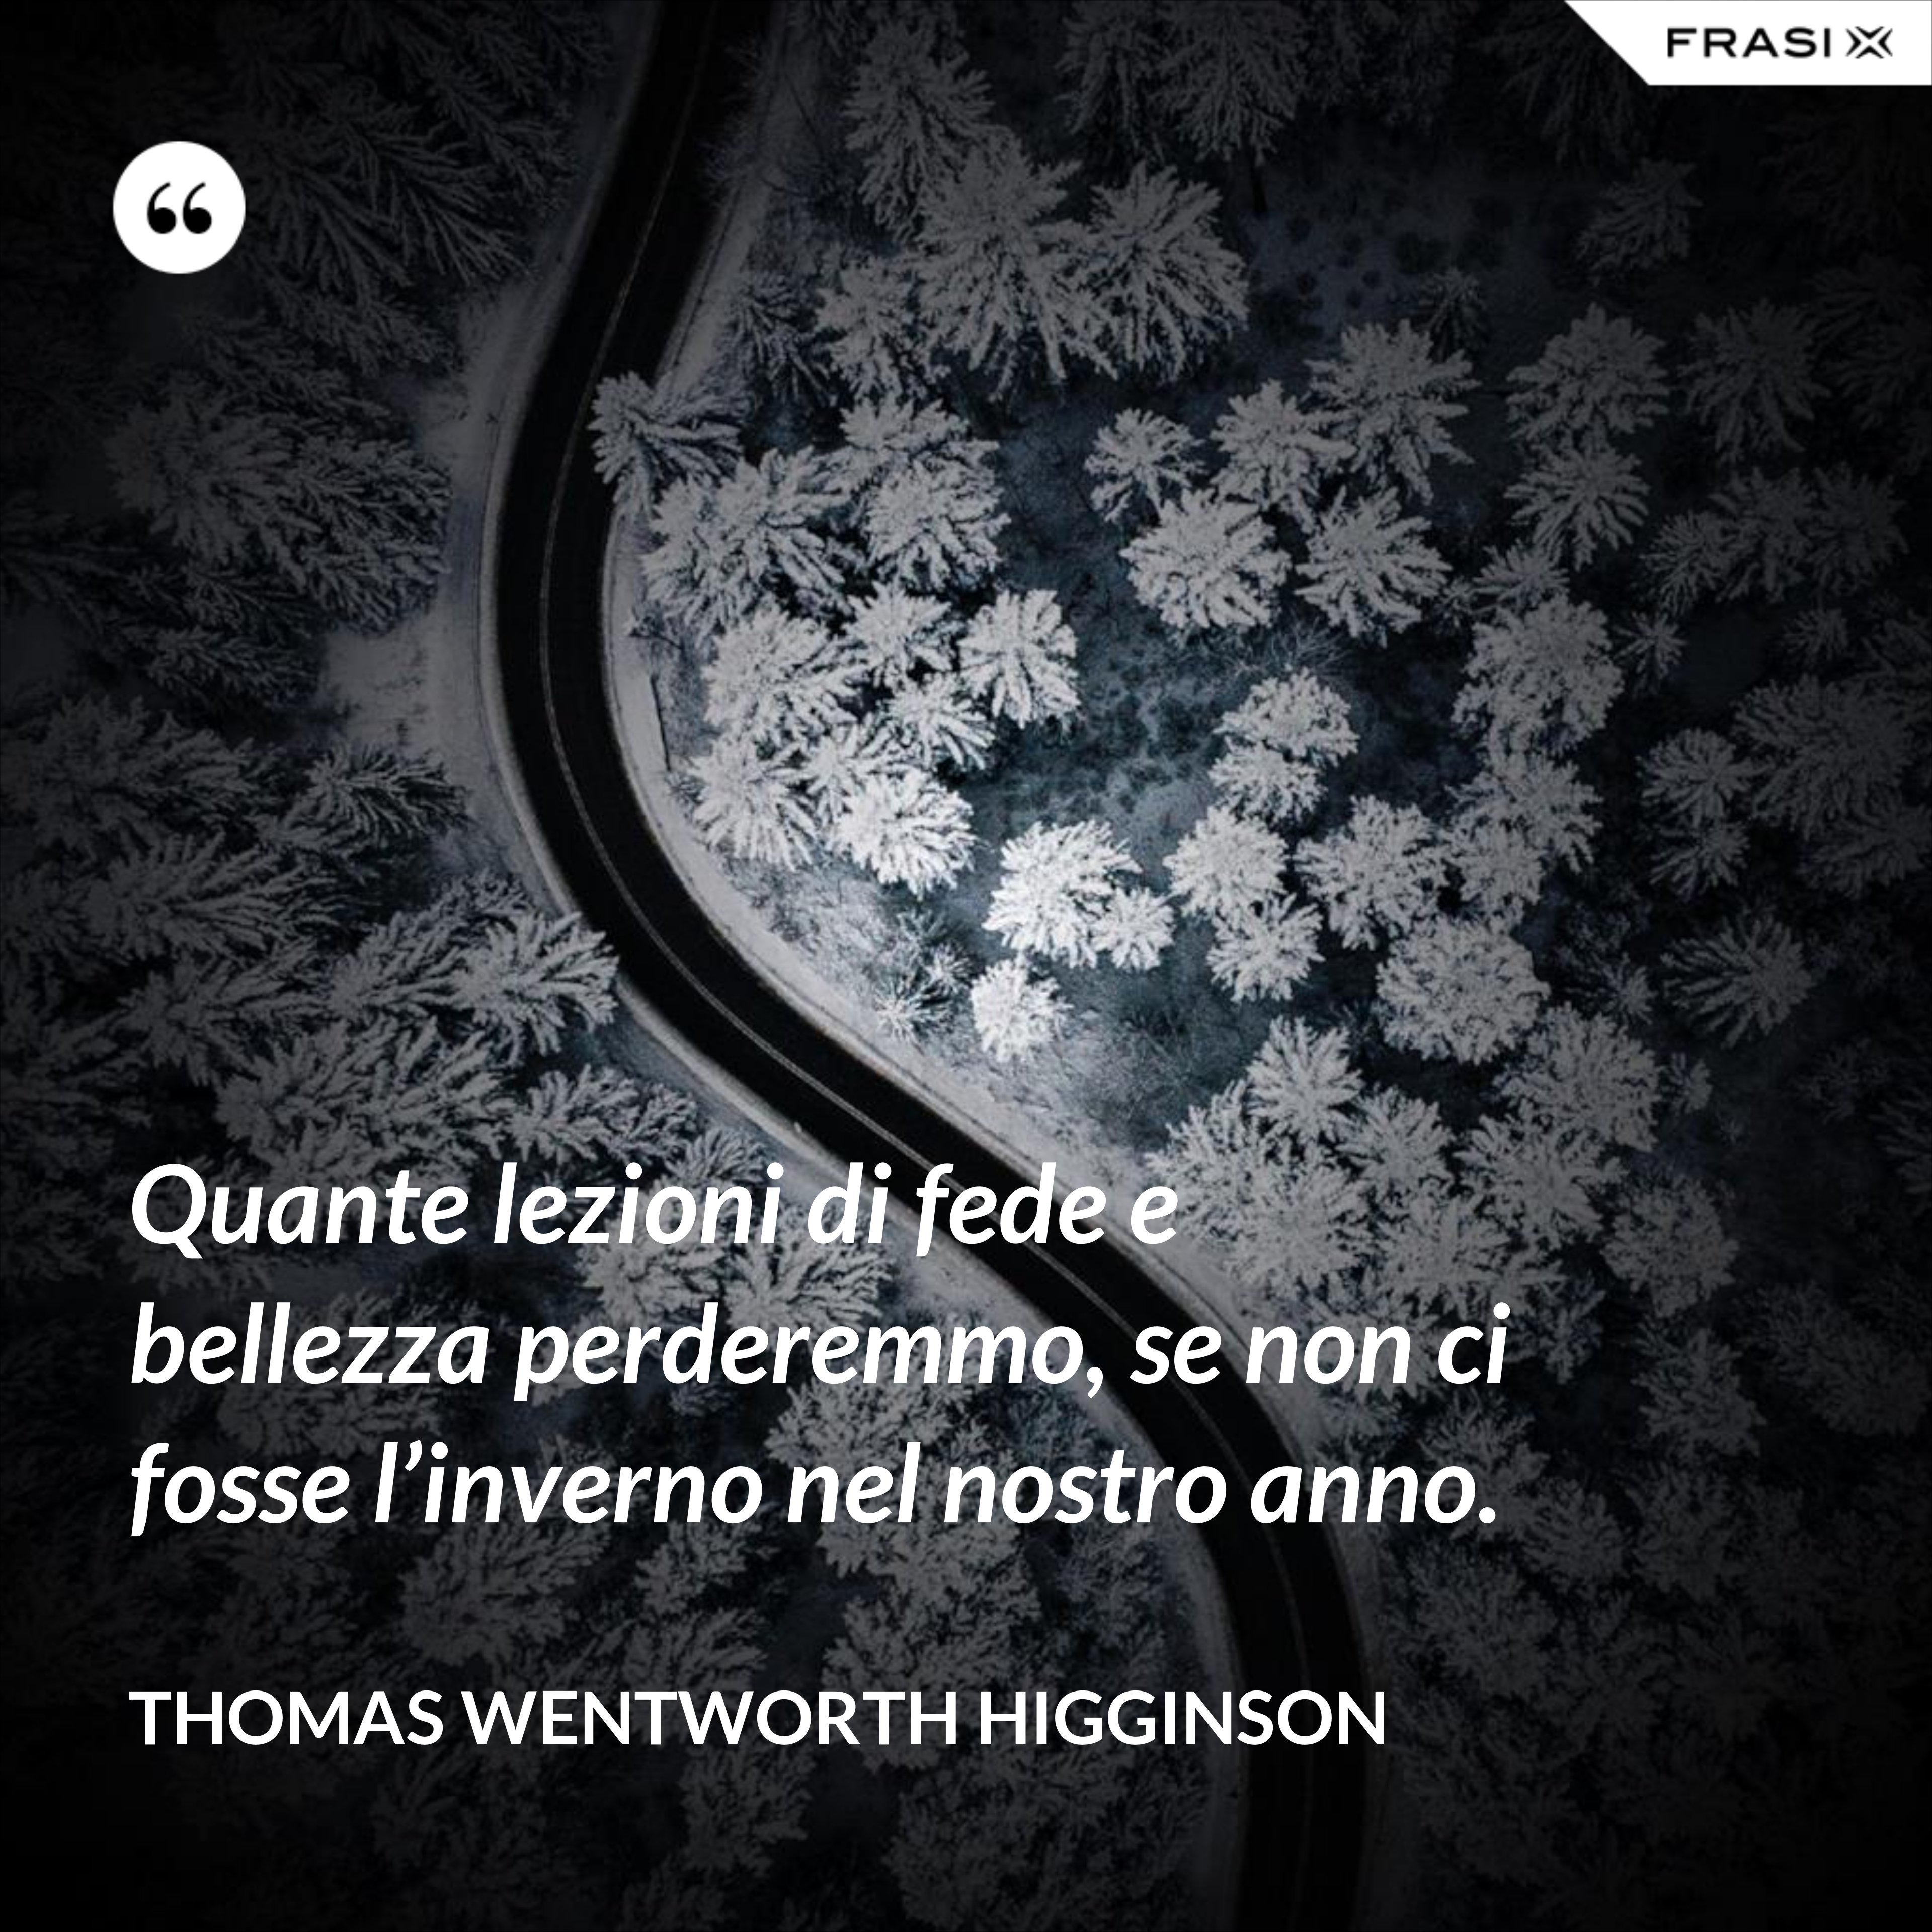 Quante lezioni di fede e bellezza perderemmo, se non ci fosse l'inverno nel nostro anno. - Thomas Wentworth Higginson